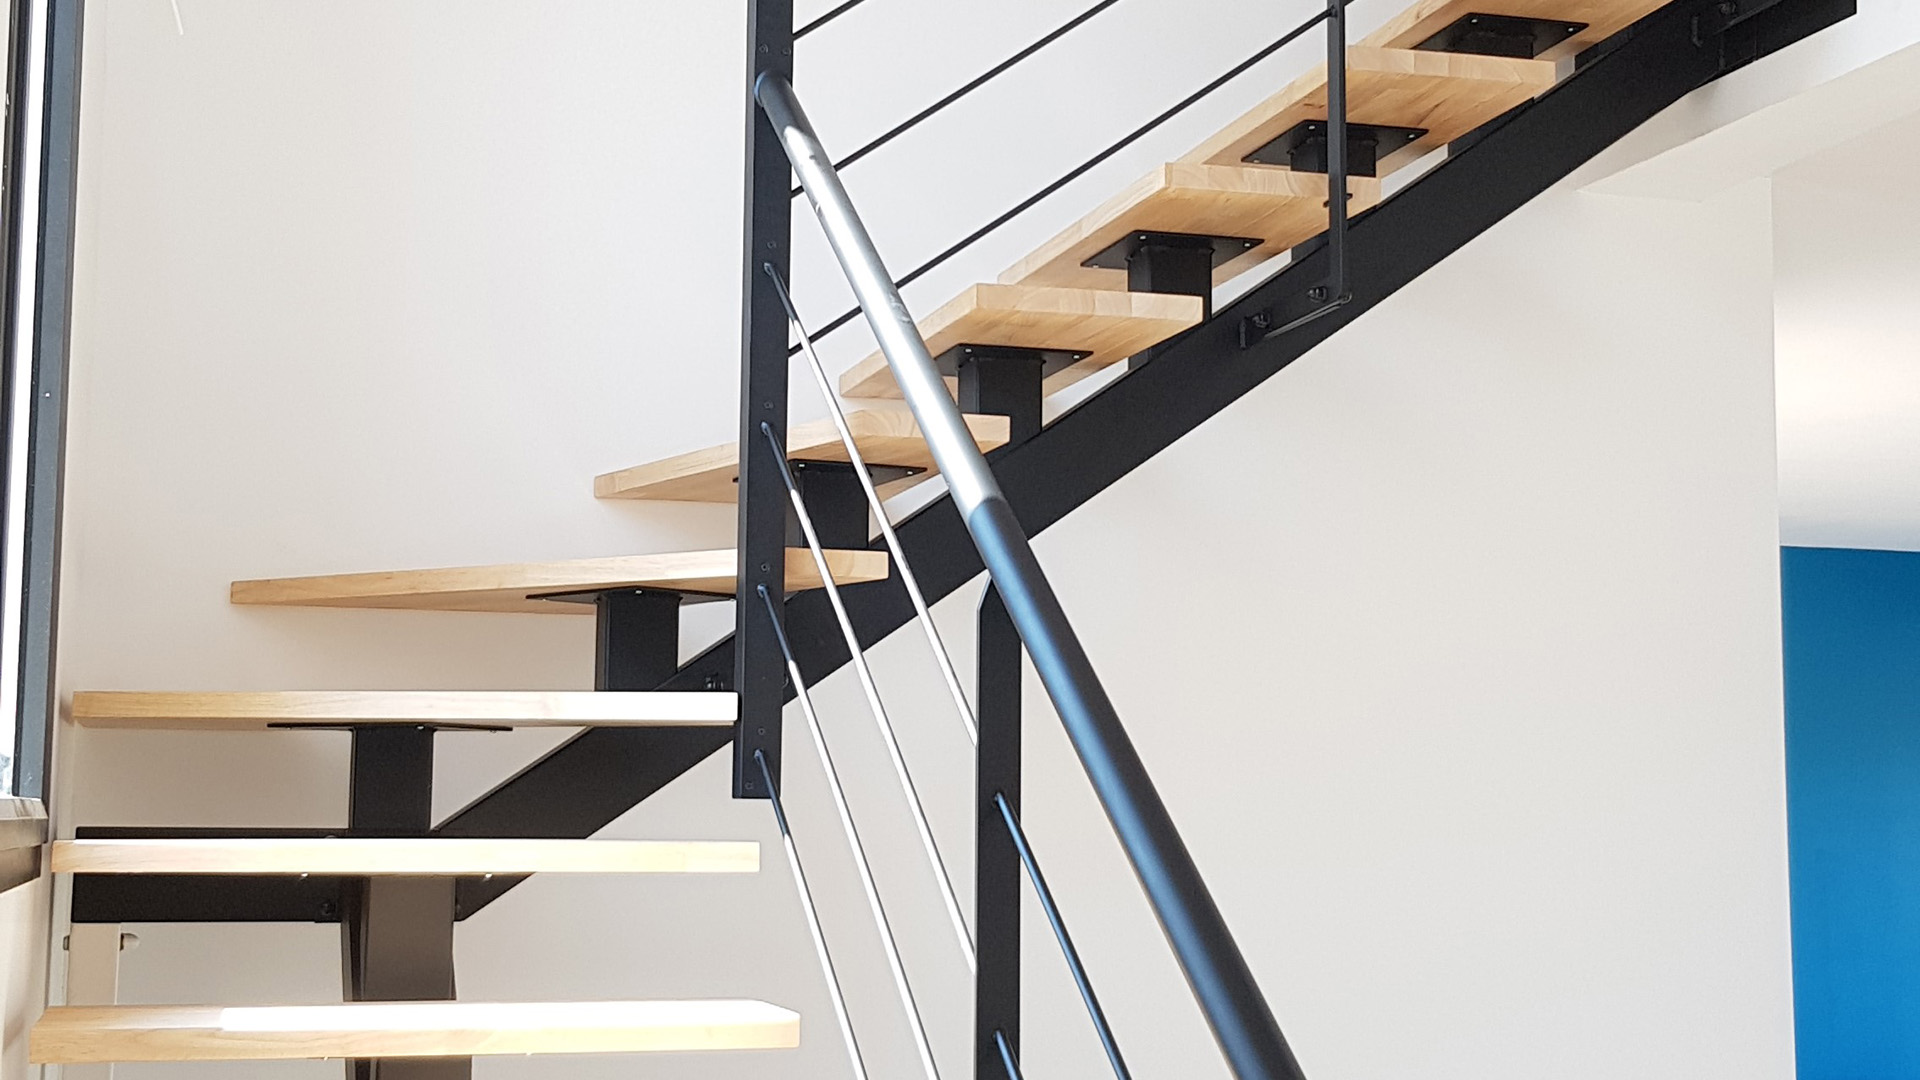 pourquoi choisir un escalier métal et boir ferronnier Toulouse fer et tendance